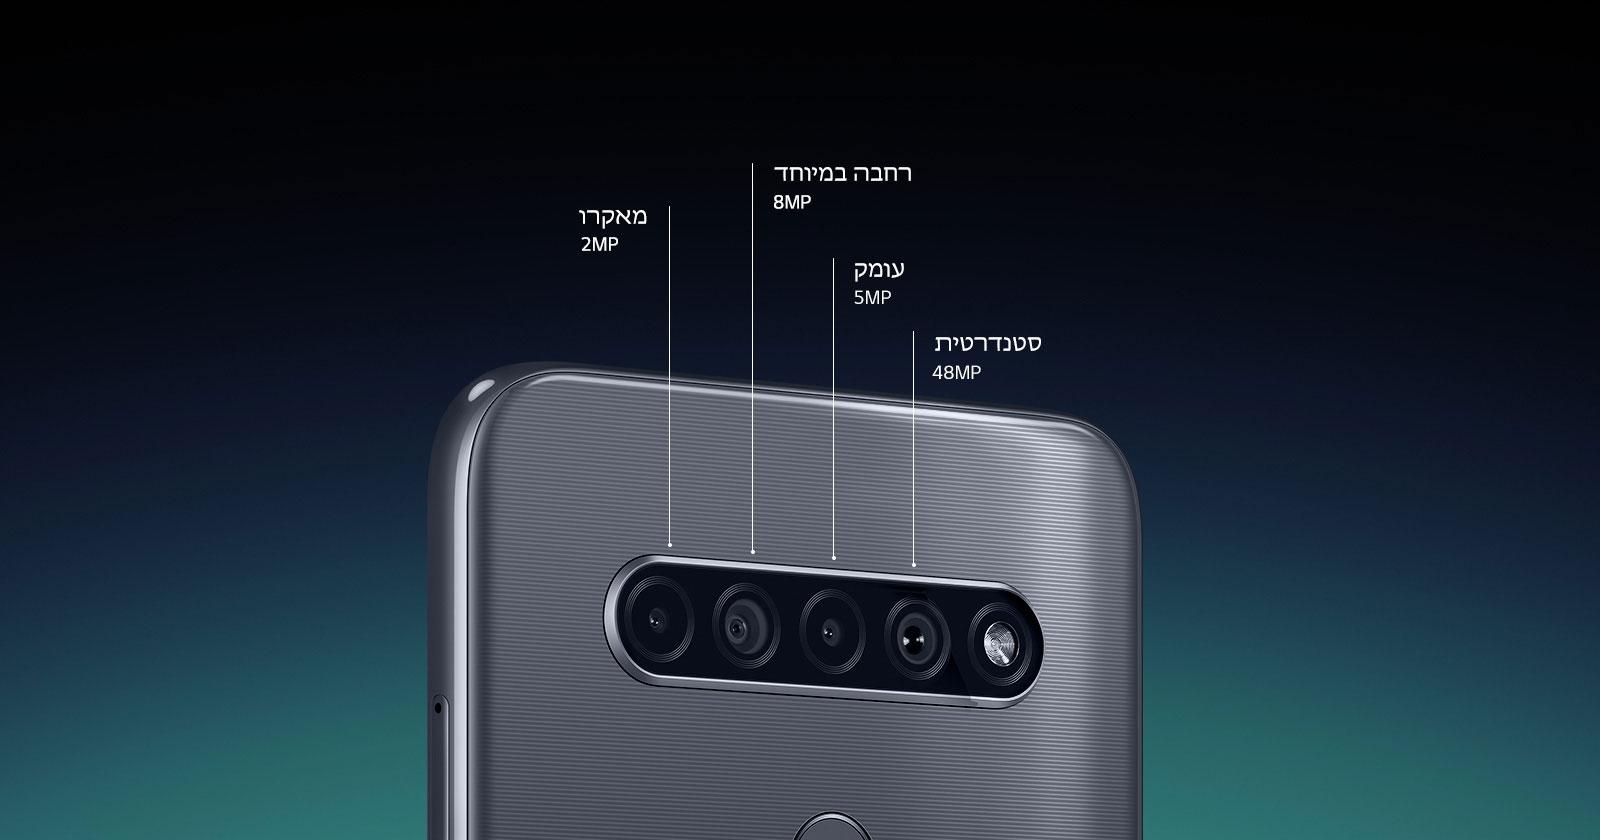 מבט אחורי על הסמארטפון, המציג 4 מצלמות